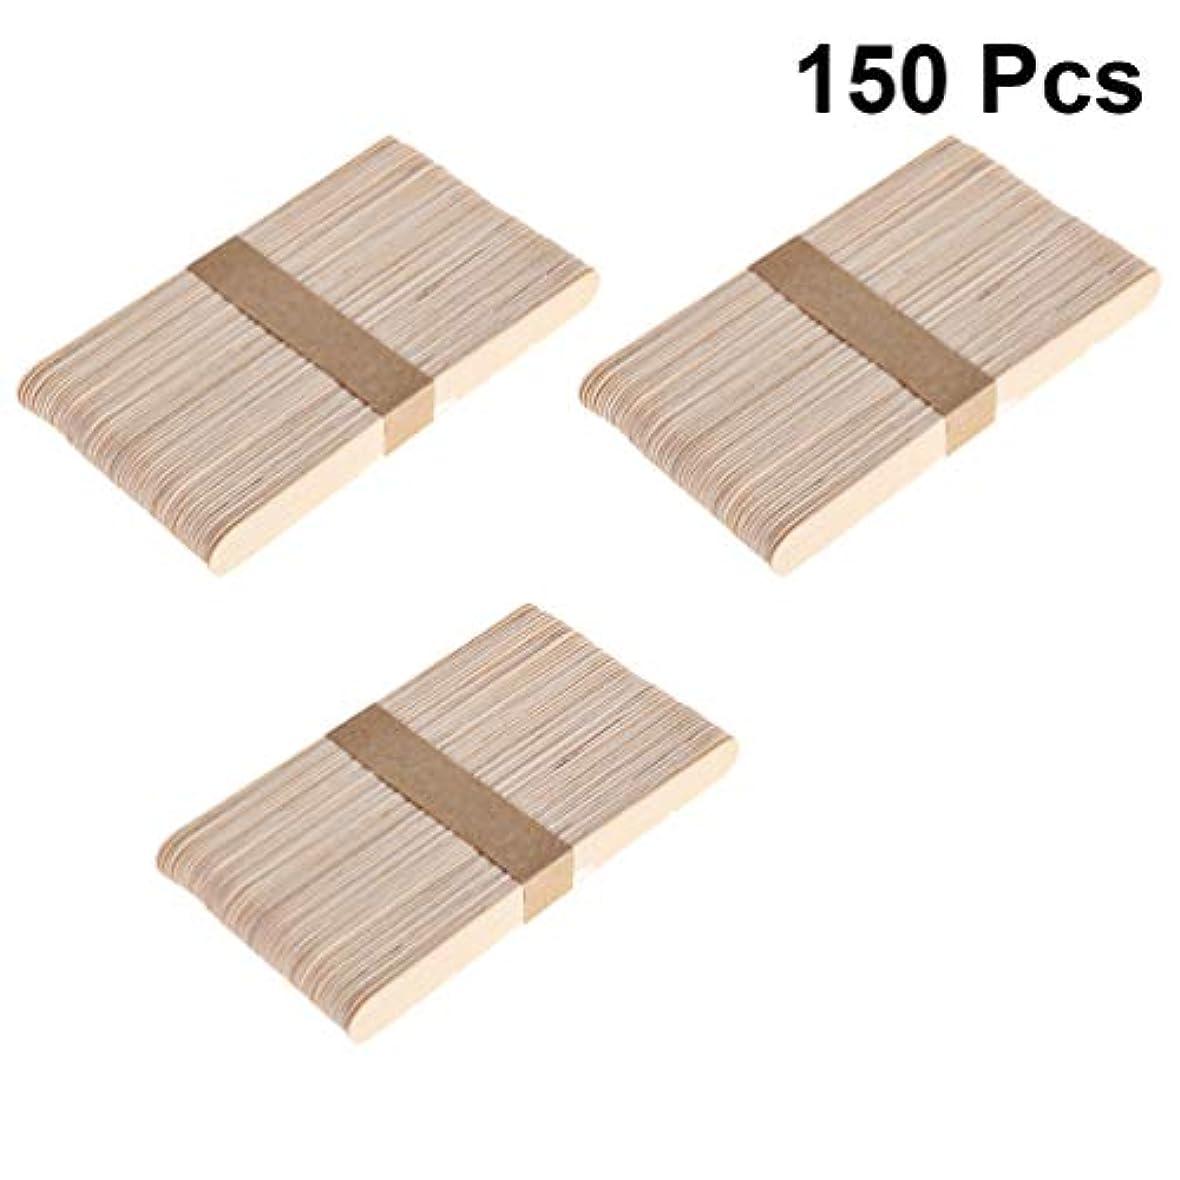 リングレットに負けるカメHealifty 天然木材クラフトスティックアイスキャンディーロリポップアイスクリームスティックグレートポップトリートスティック用diyクラフト150ピース